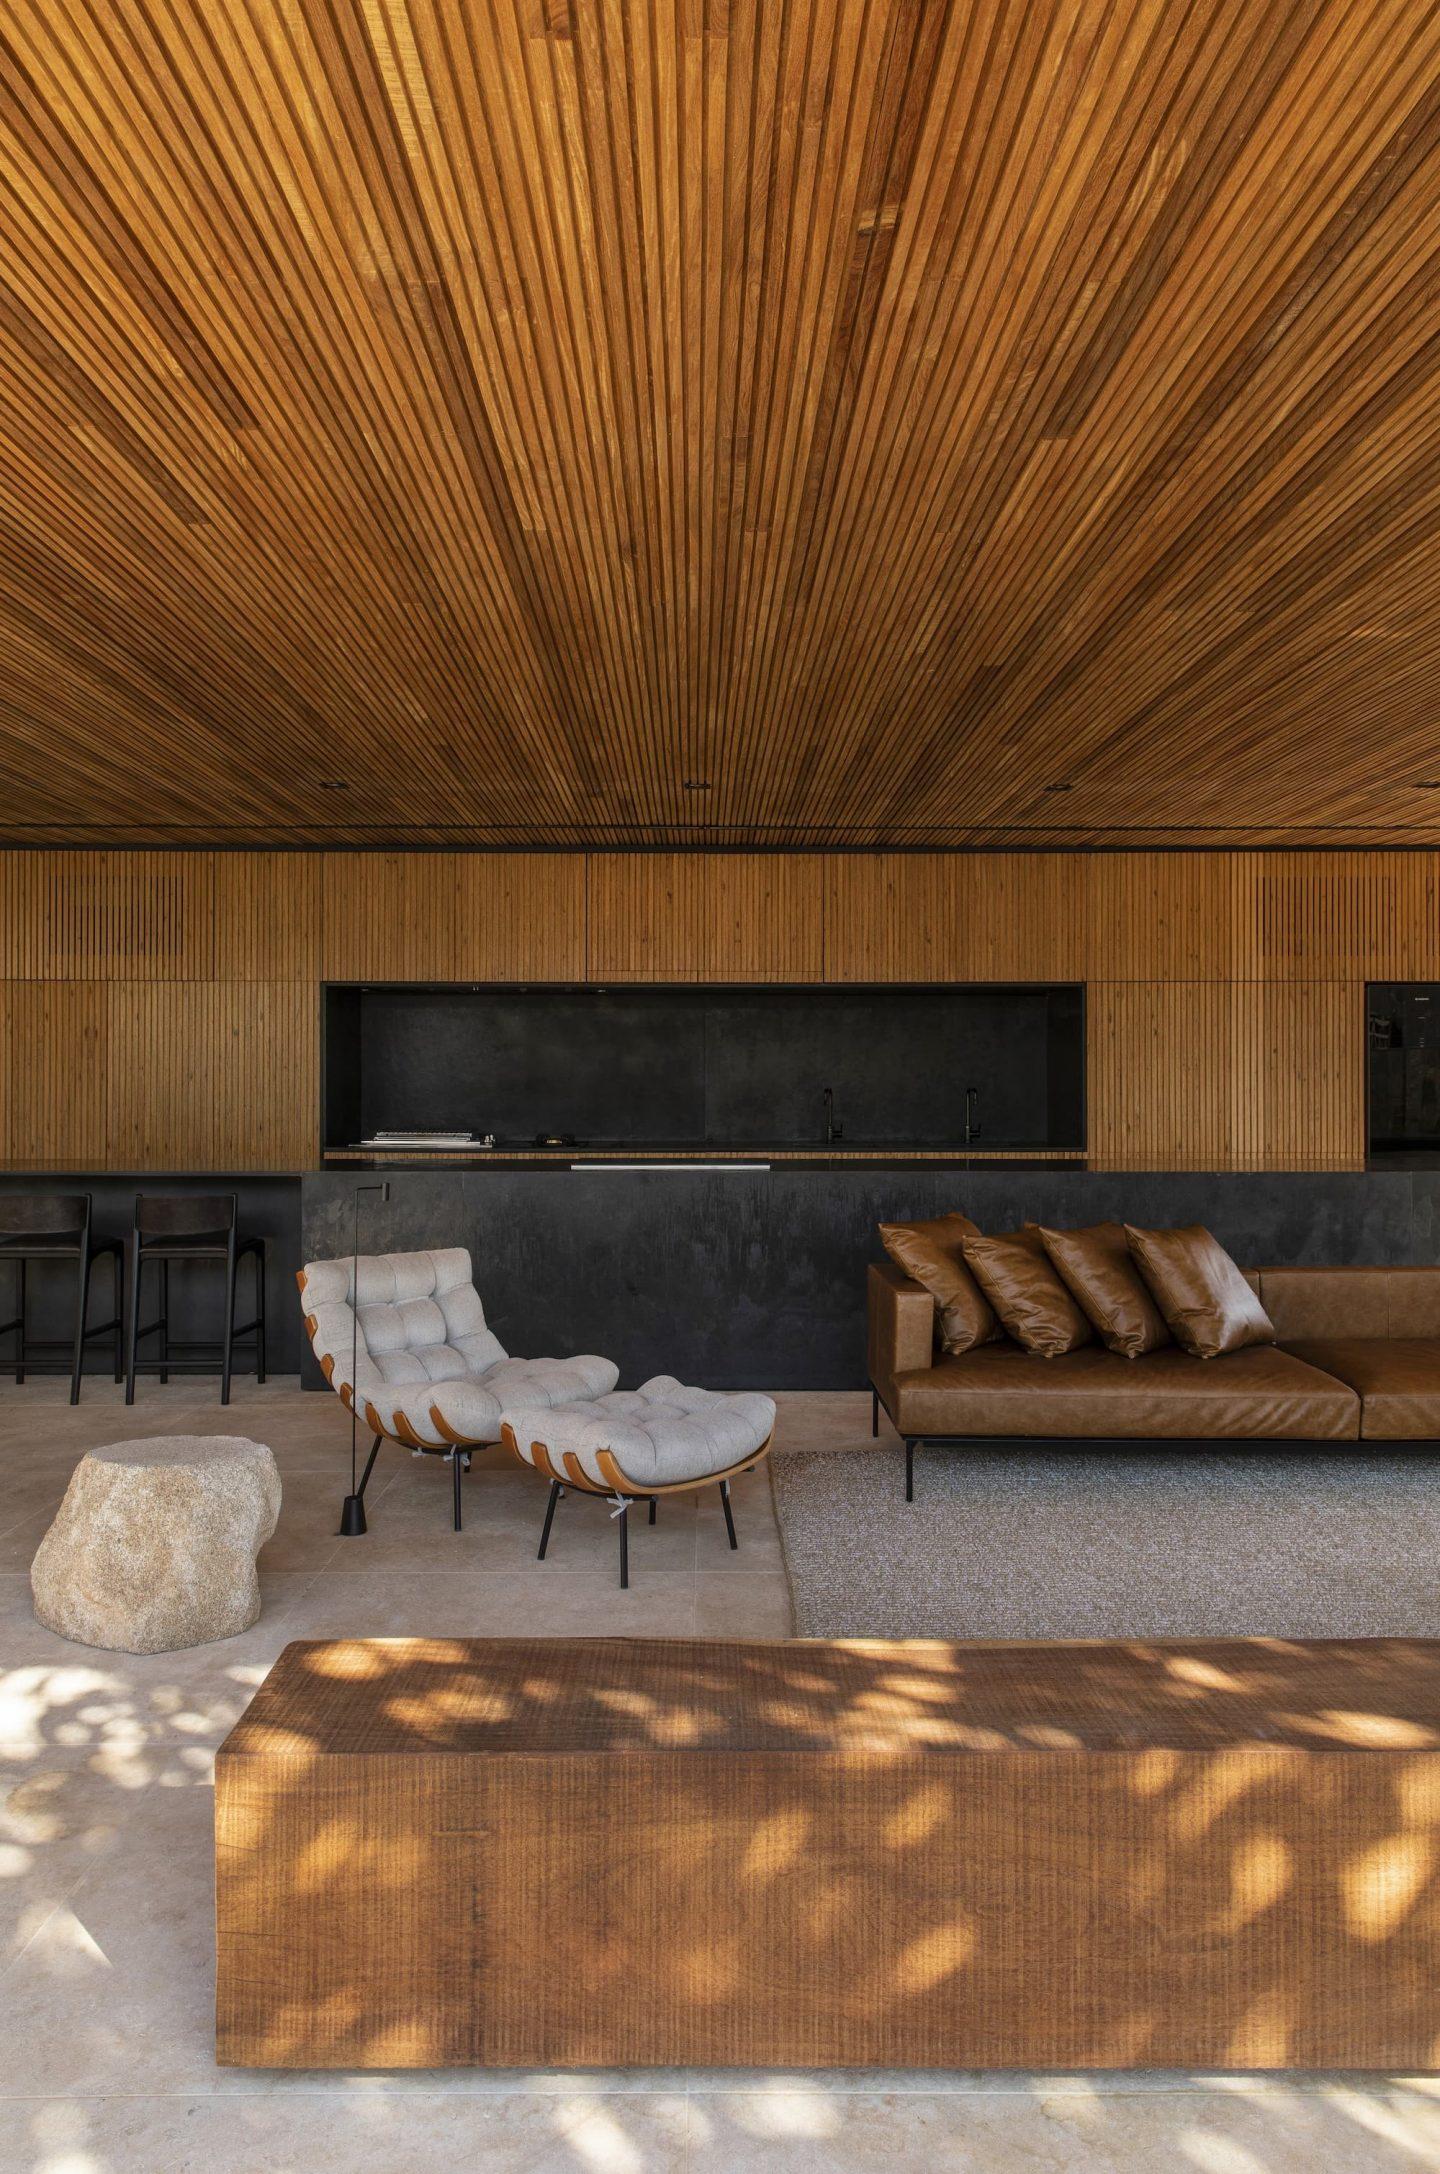 IGNANT-Architecture-MF-Arquitetos-Casa-Q04L63-05-min